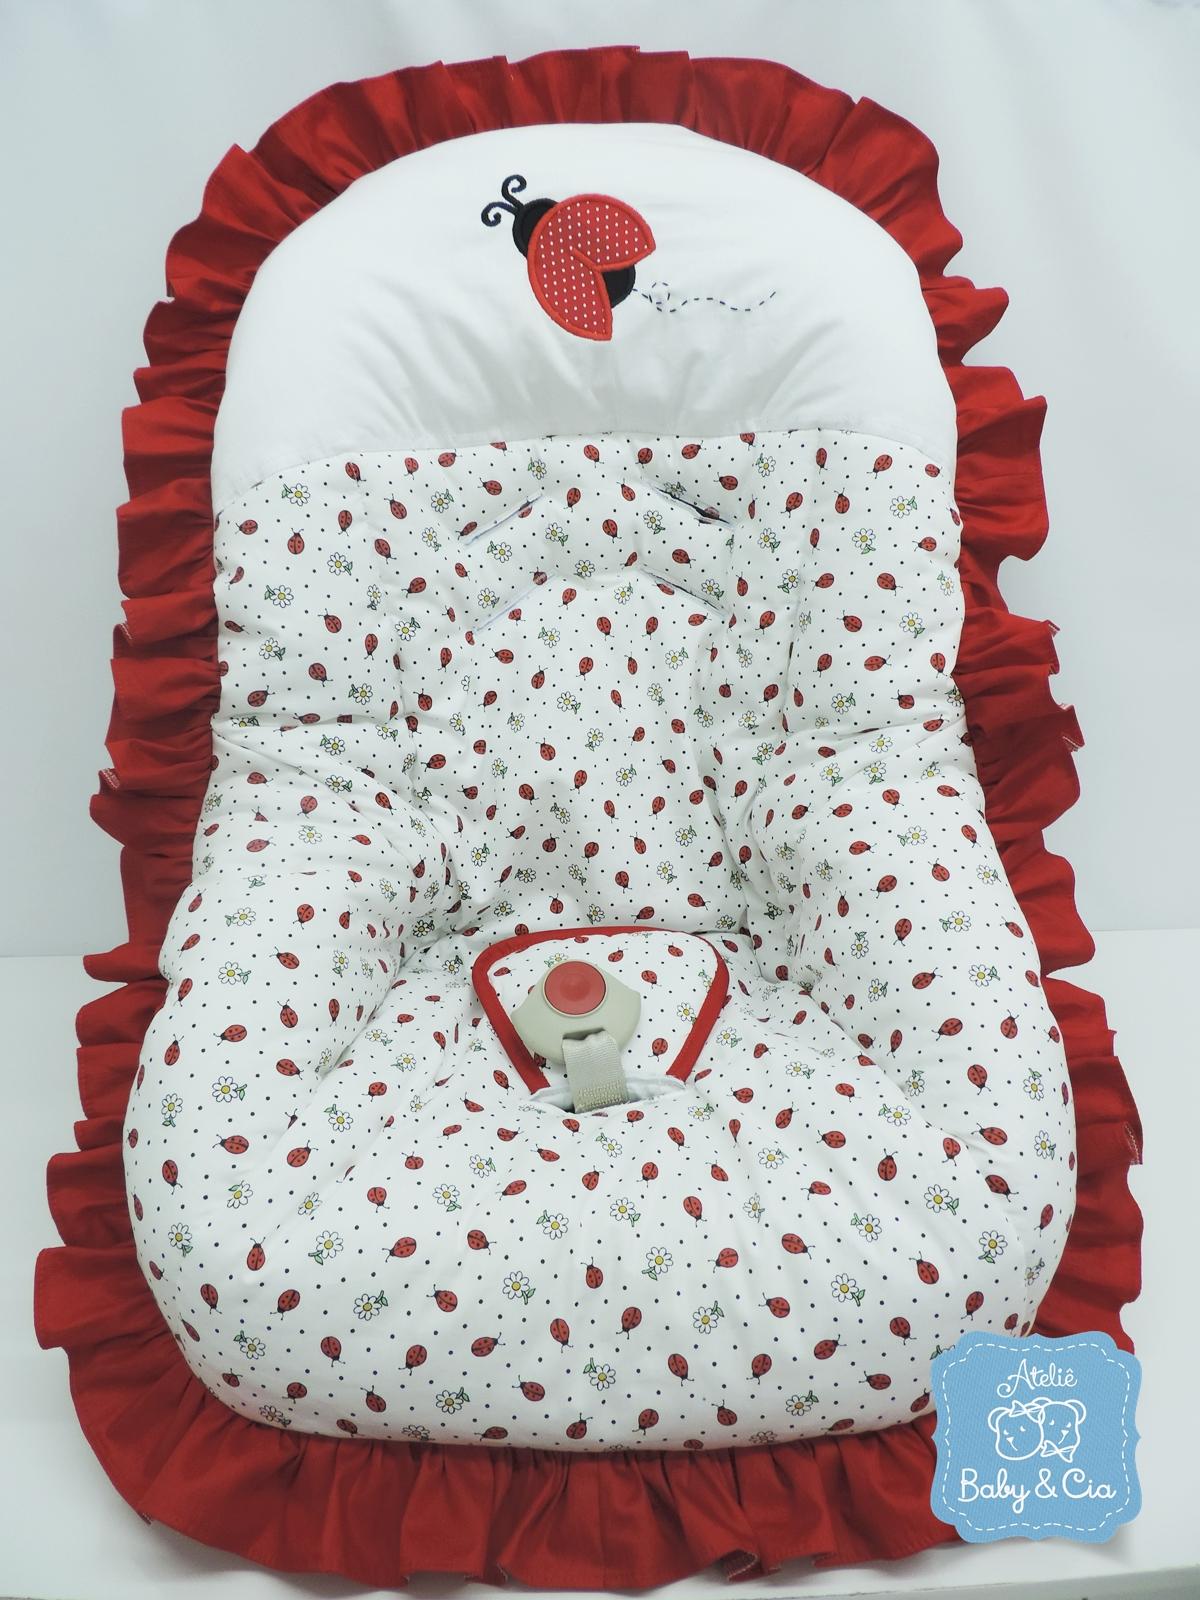 Ateli baby e cia capa de beb conforto e capa para carrinho - Capas de bano bebe personalizadas ...